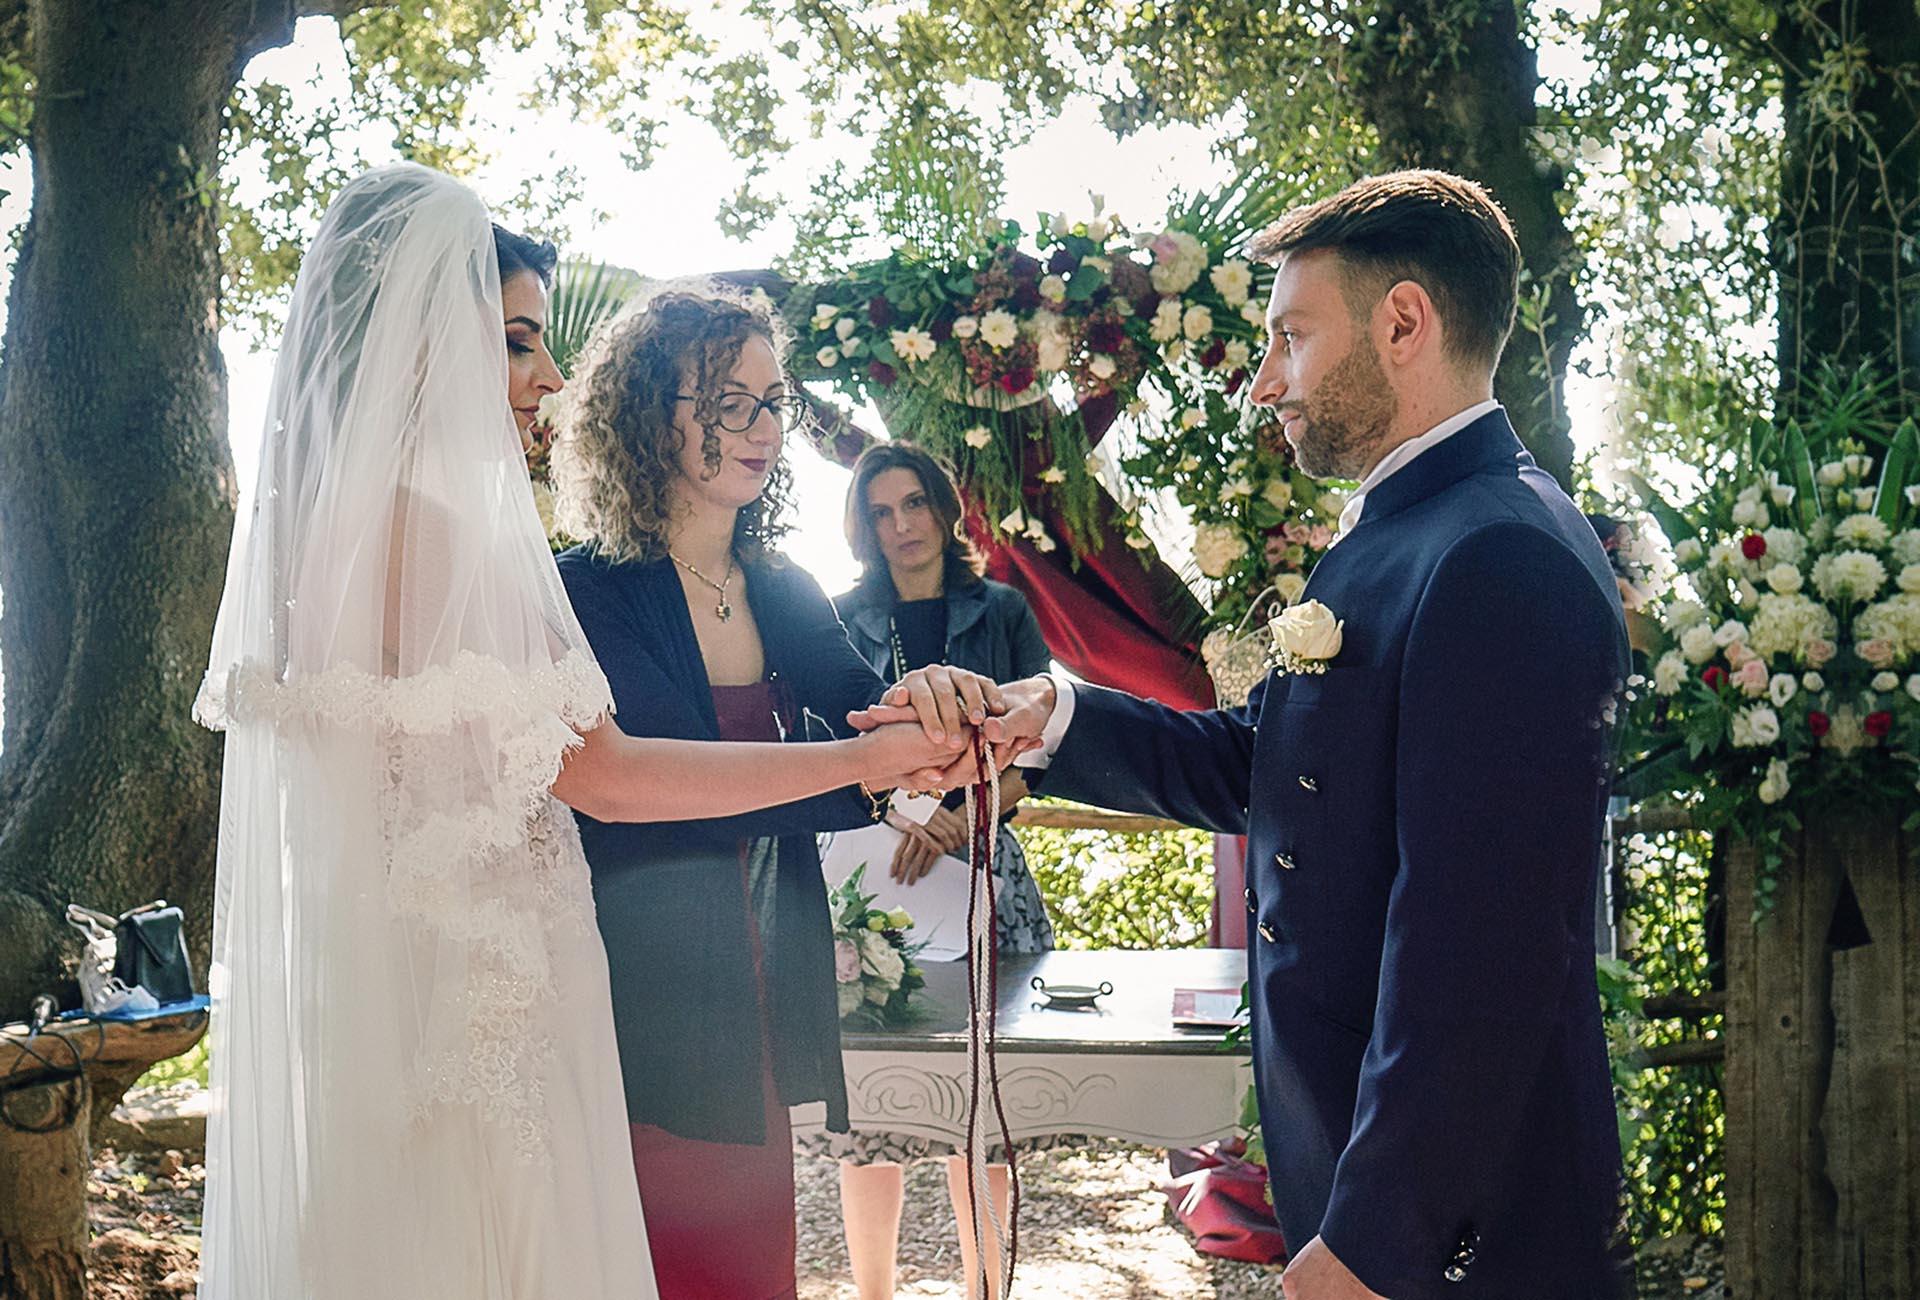 rito simbolico Cerimonia matrimonio, rito religioso o rito simbolico: le differenze